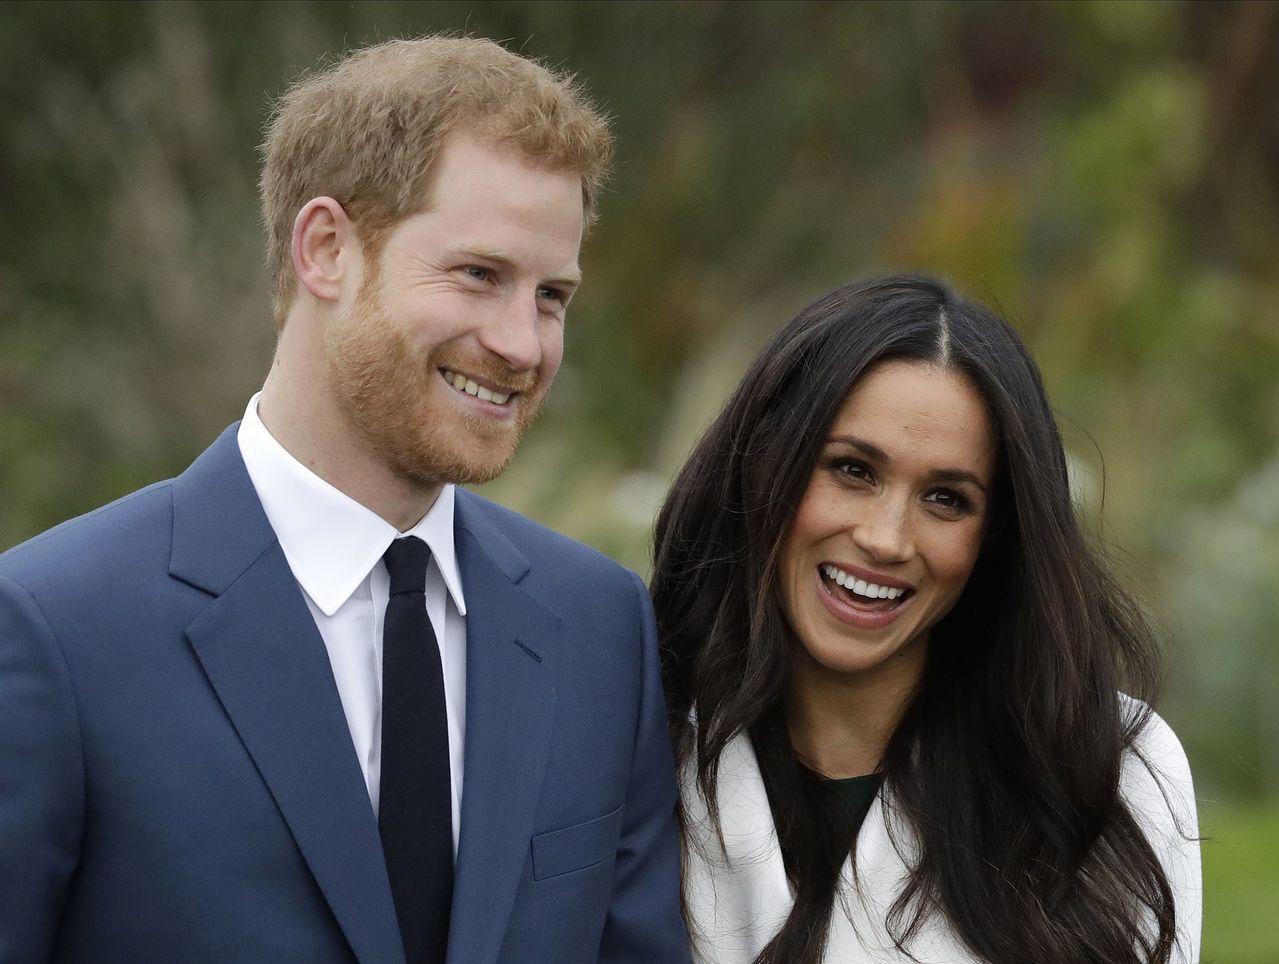 英國哈利王子夫婦宣布退居王室幕後,未來將在英國與加拿大兩地居住。專家指出,選擇加...